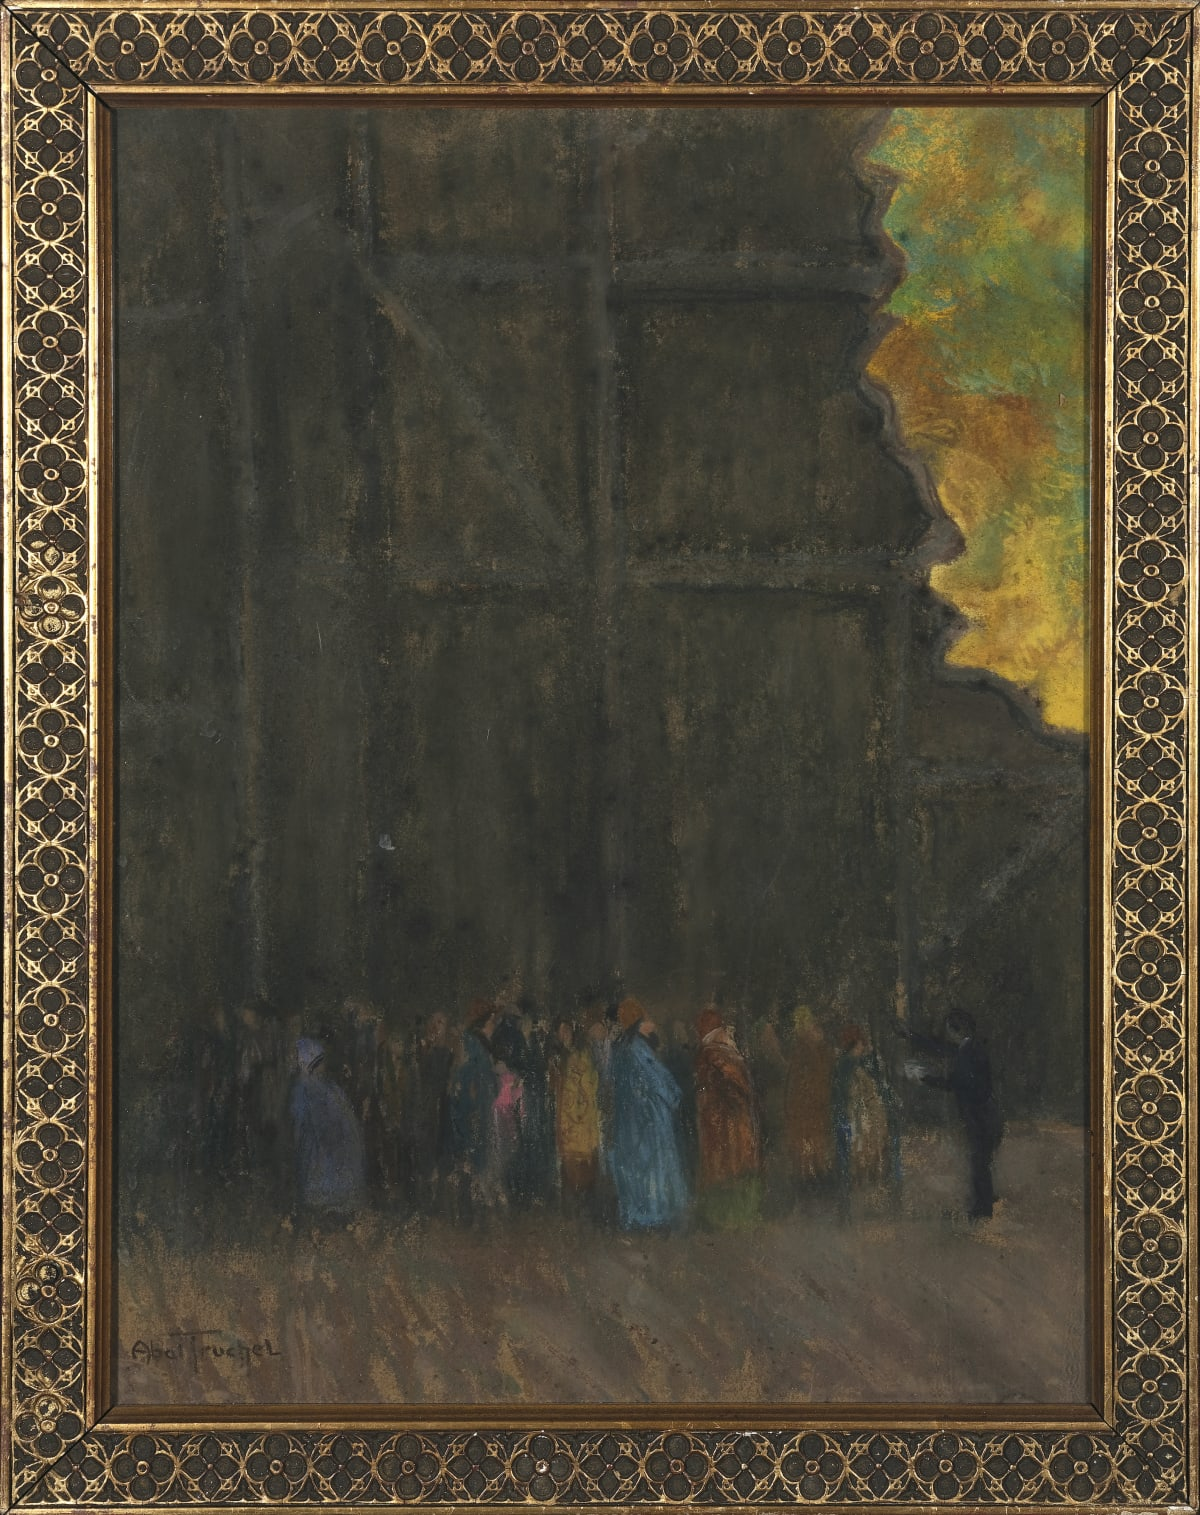 Louis Abel-Truchet Dans les coulisses Pastel 40 x 31 cm Signé en bas à gauche